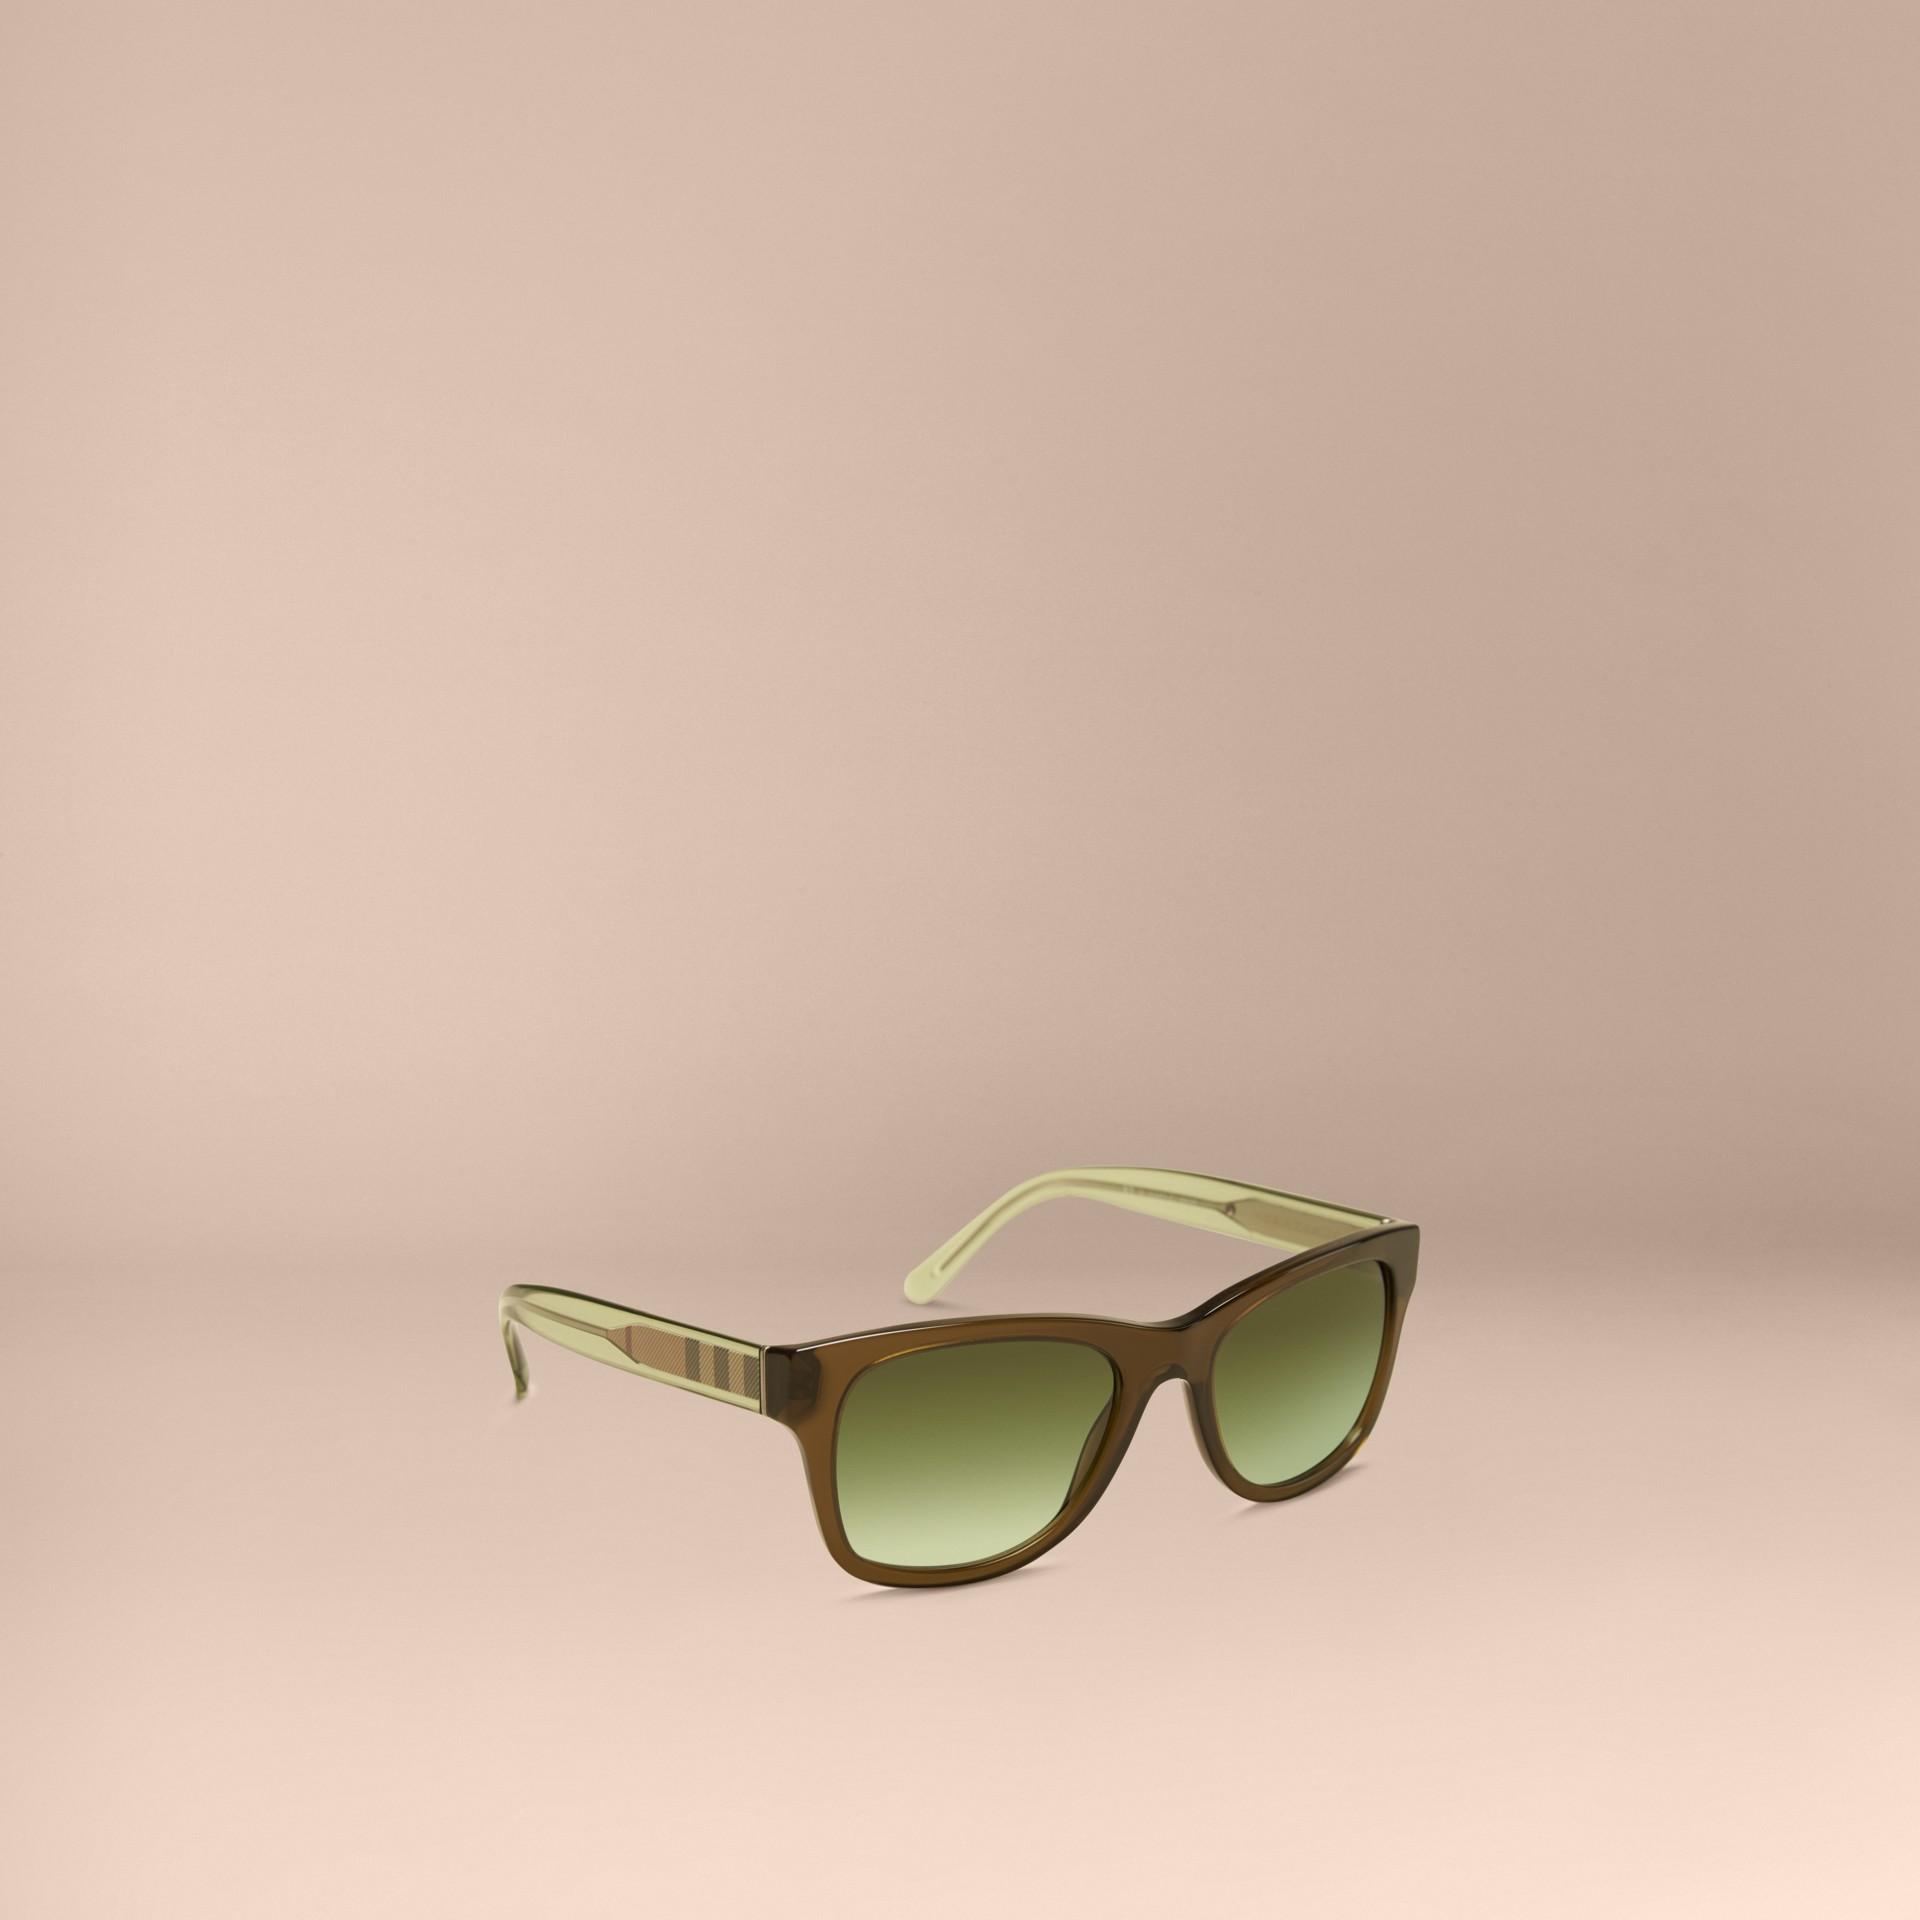 Оливковый Квадратные солнцезащитные очки с тиснением в клетку - изображение 1